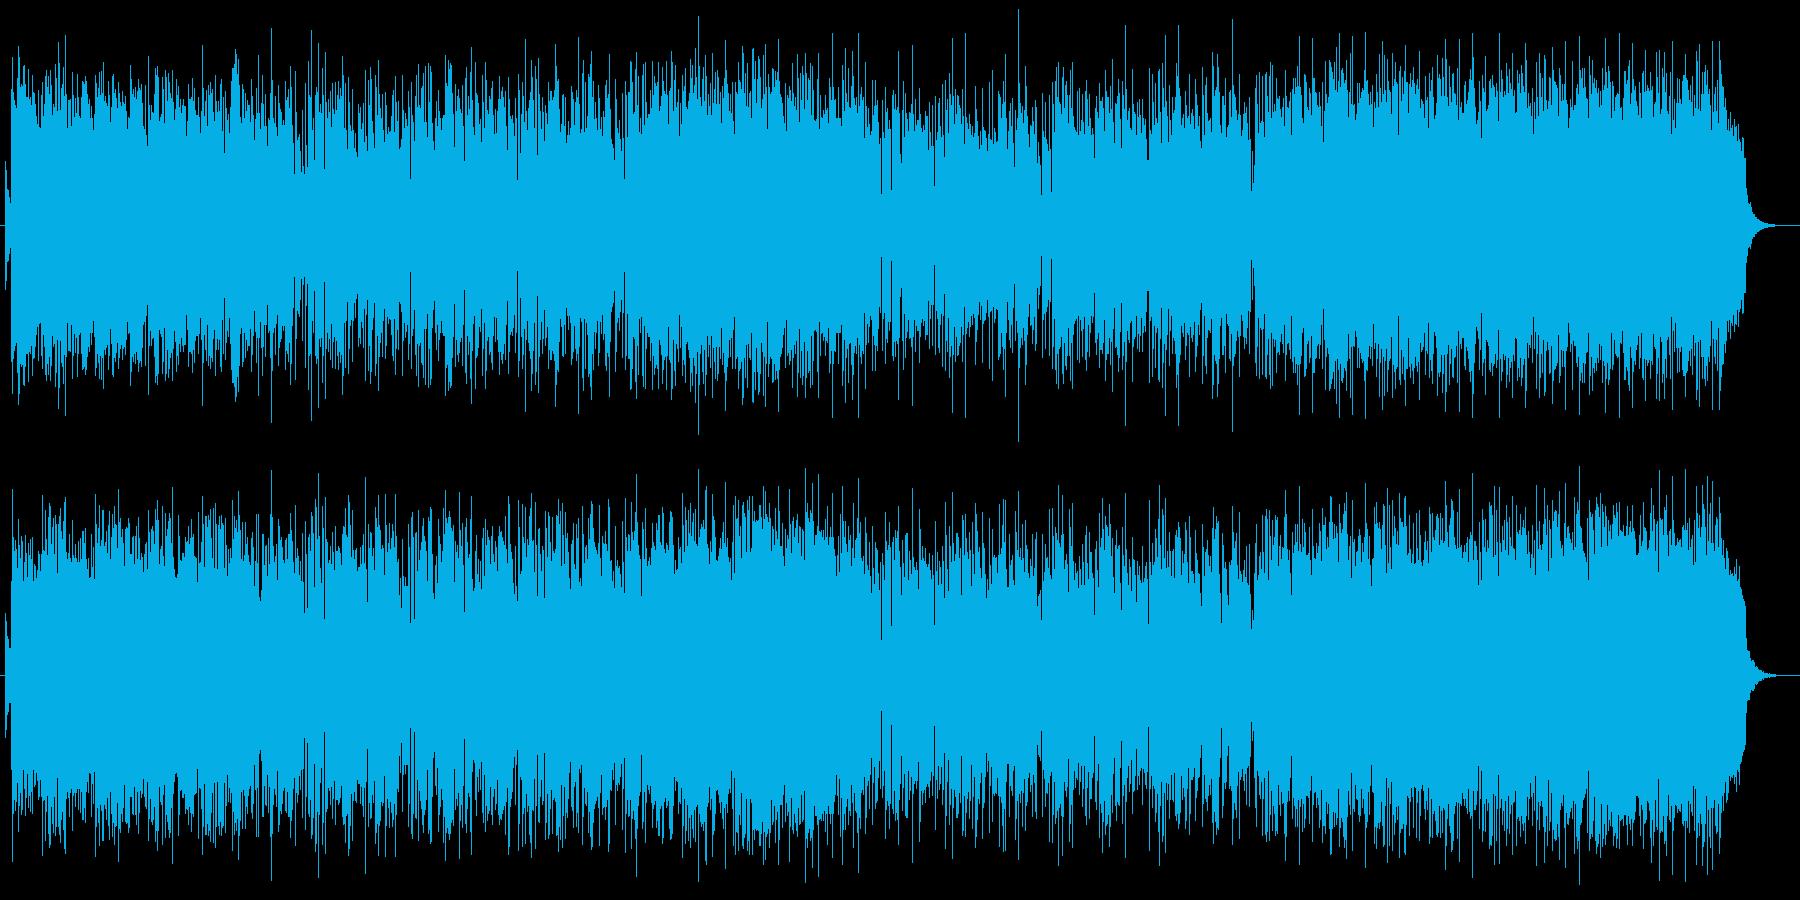 穏やかで優しいジャズサウンドの再生済みの波形